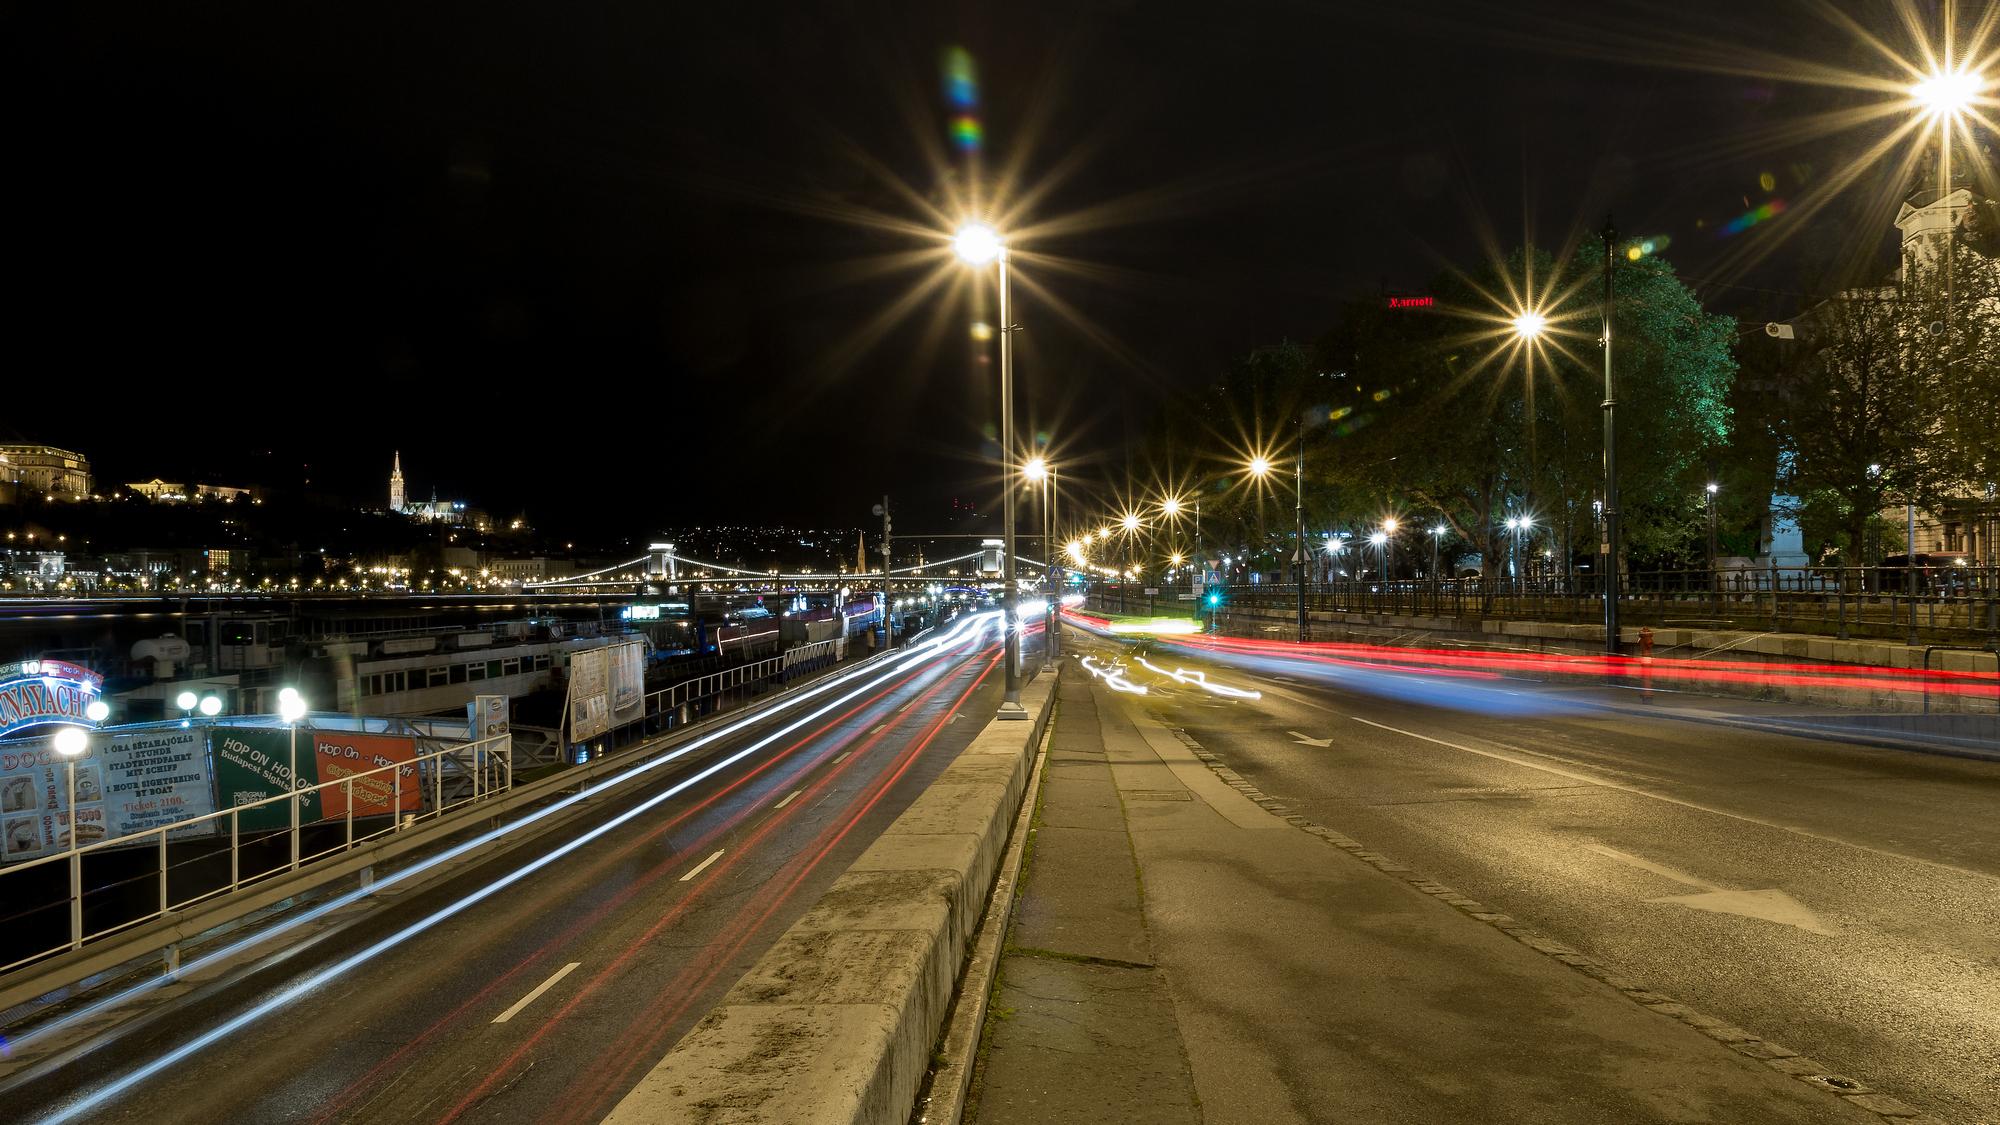 как делать ночные фотографии отвечаю изменения, которые